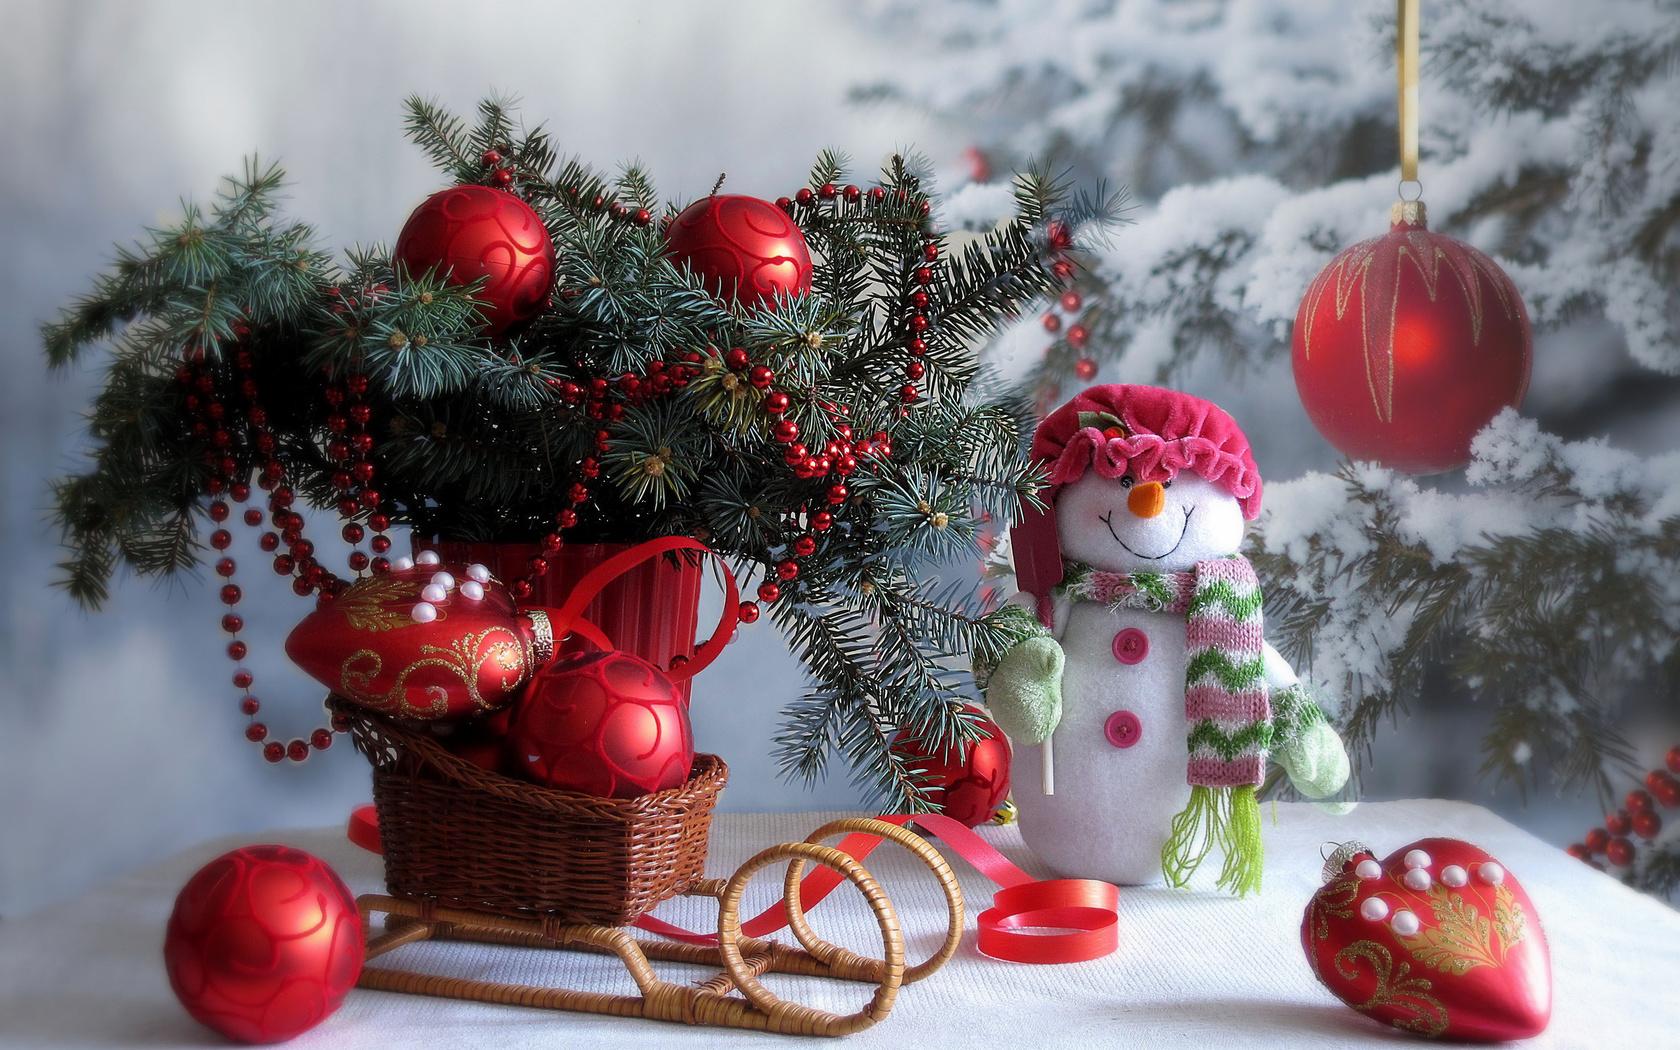 праздник, новый год, рождество, зима, снег, ёлка, стол, санки, ветки, ель, игрушки, украшения, снеговик